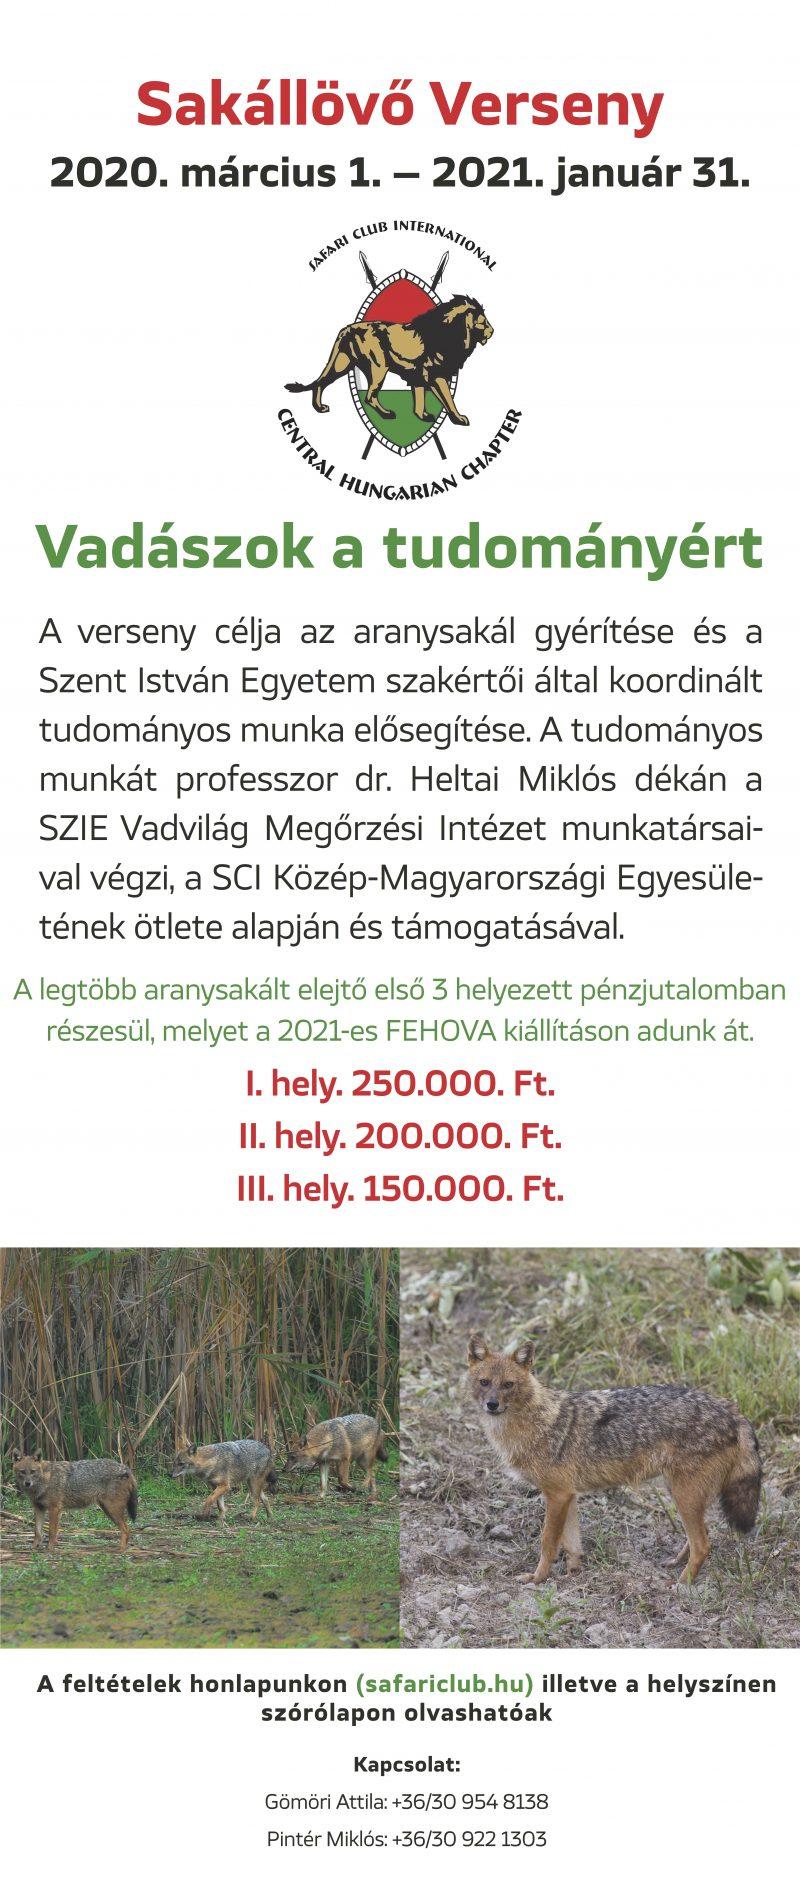 sakallovo_hirdetmeny_1